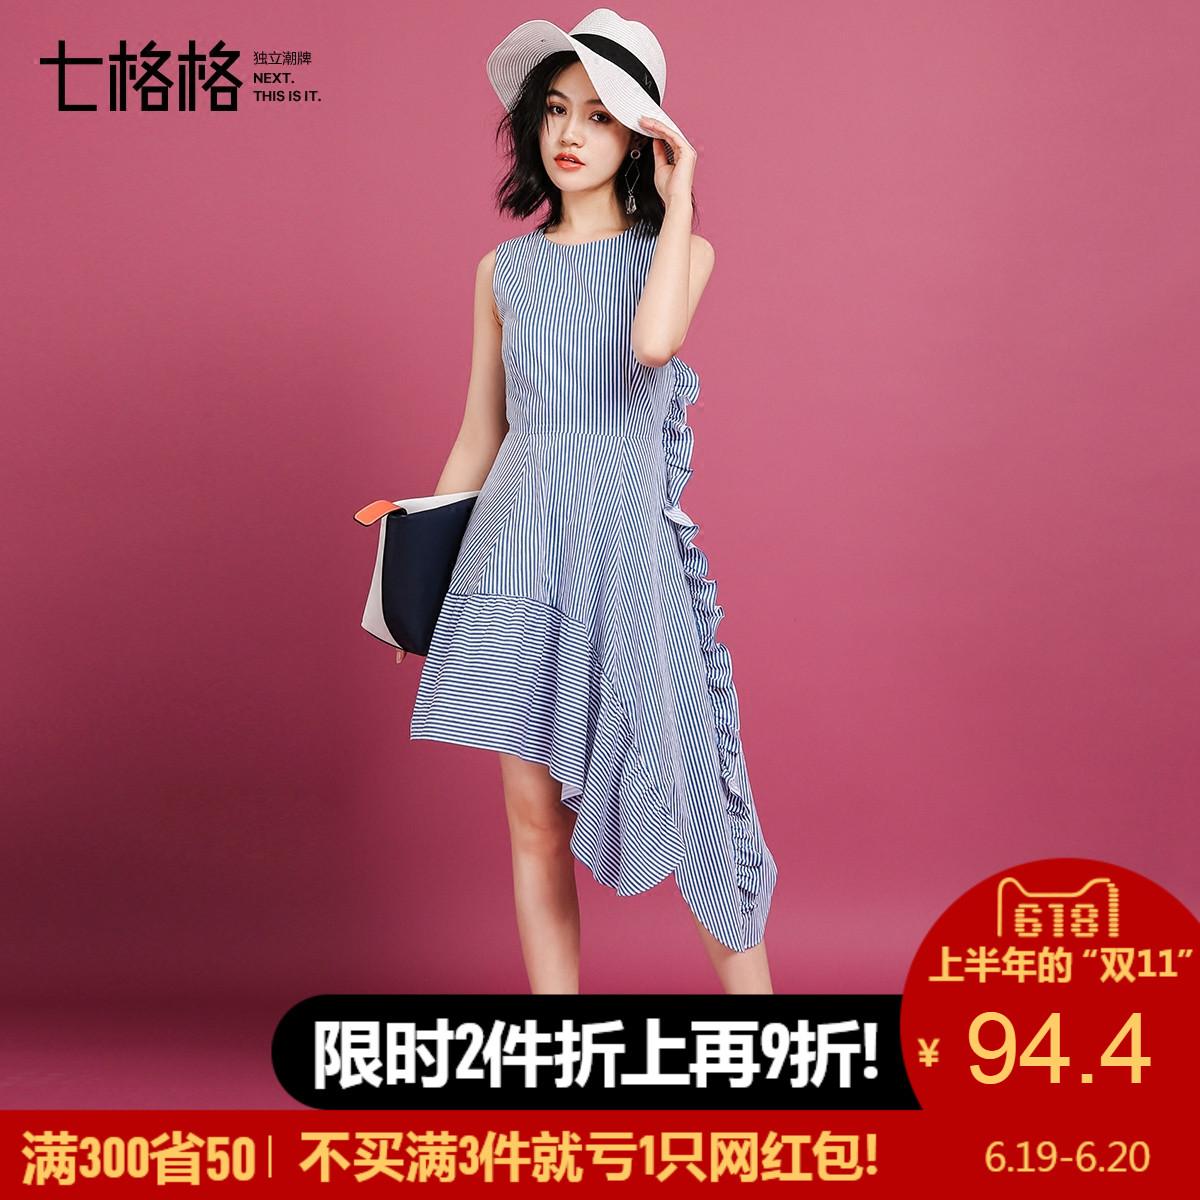 七格格2018夏新款蓝白条纹荷叶边装饰不规则斜连衣裙L603潮